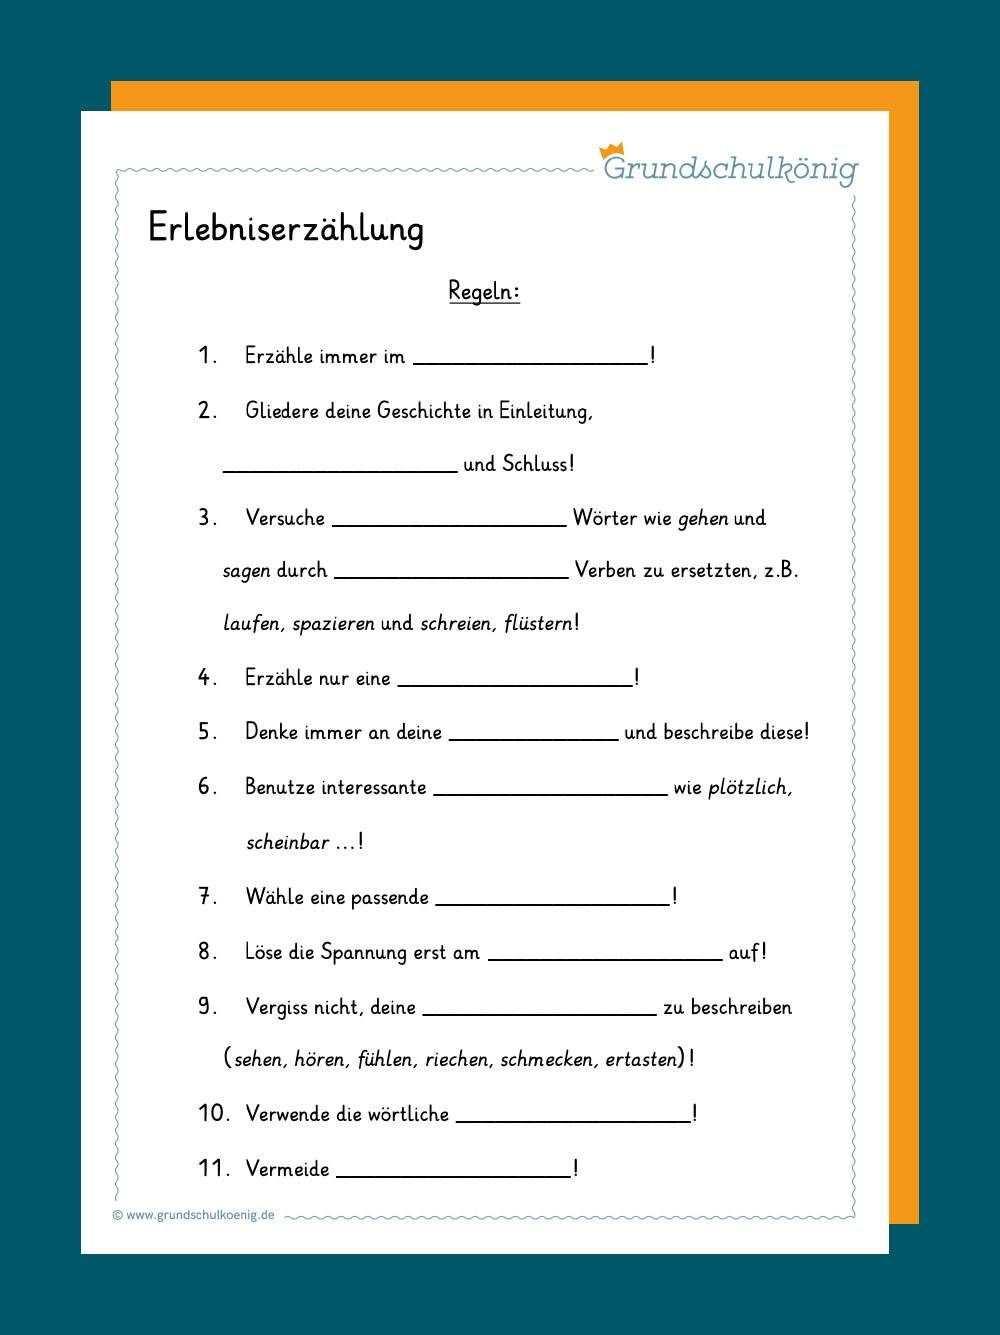 Erlebniserzahlung Lernen Tipps Schule Erlebniserzahlung Aufsatz Schreiben